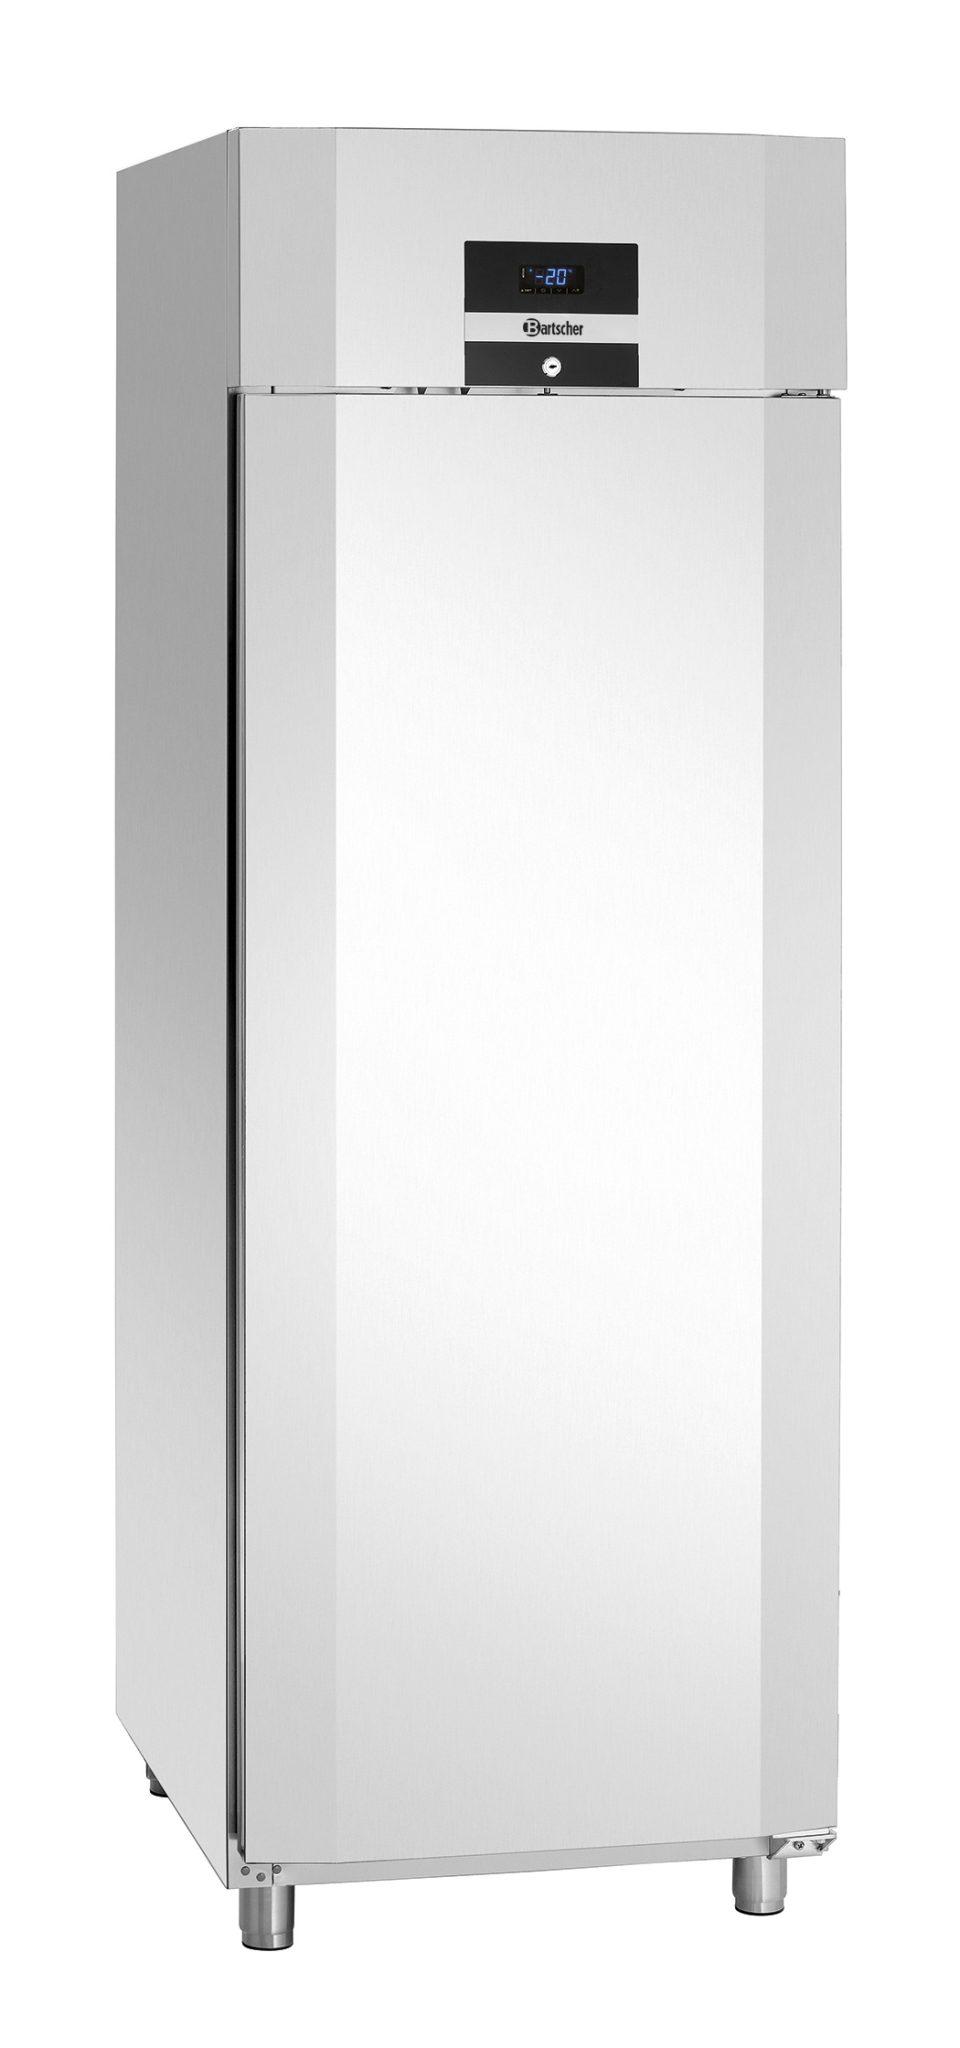 Bartscher Vrieskast GN210 - 700 liter - Zilver